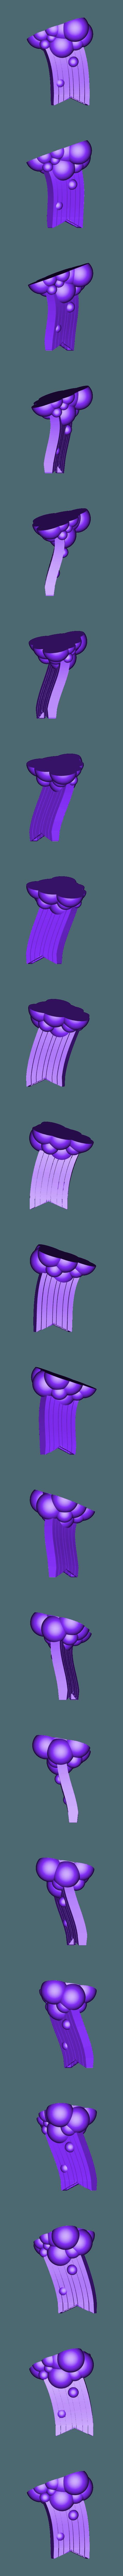 Smoke.stl Télécharger fichier STL gratuit Kylo Ren Tie fighter • Objet à imprimer en 3D, Zekazz